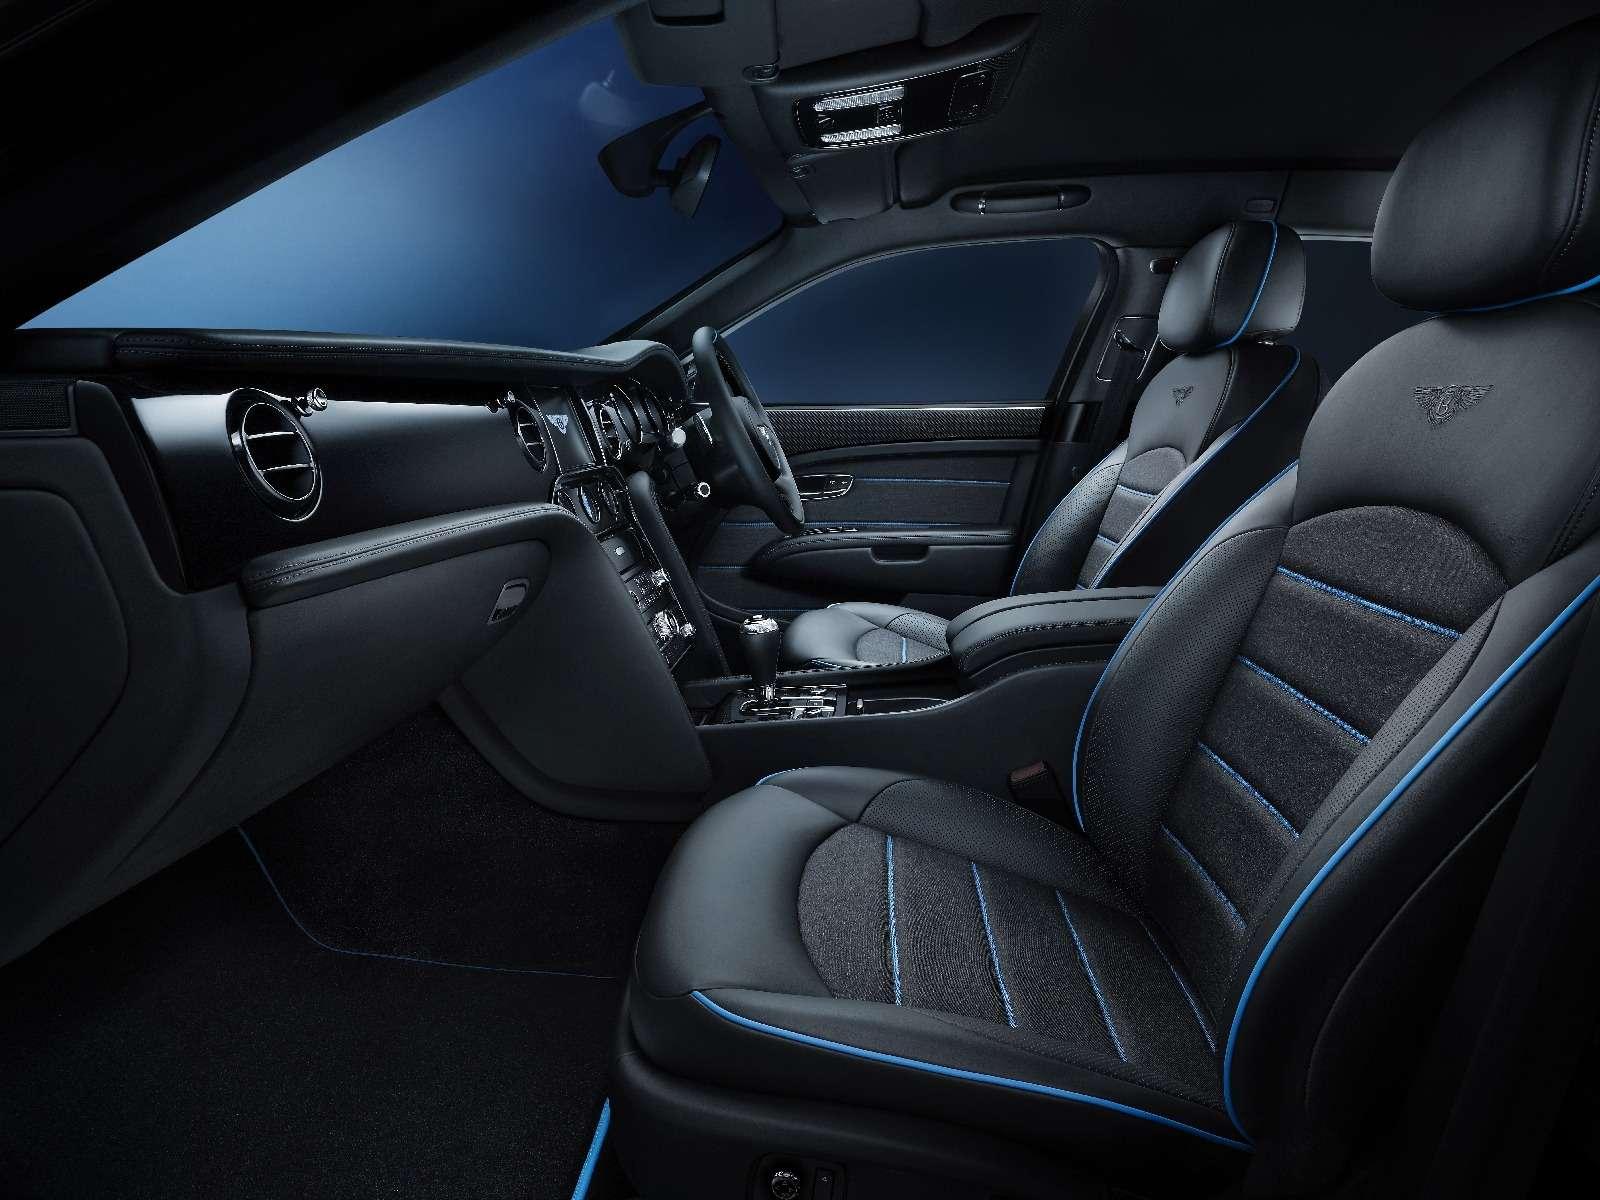 Тьма сгущается: Bentley Mulsanne получил еще одну «зловещую» версию— фото 671551